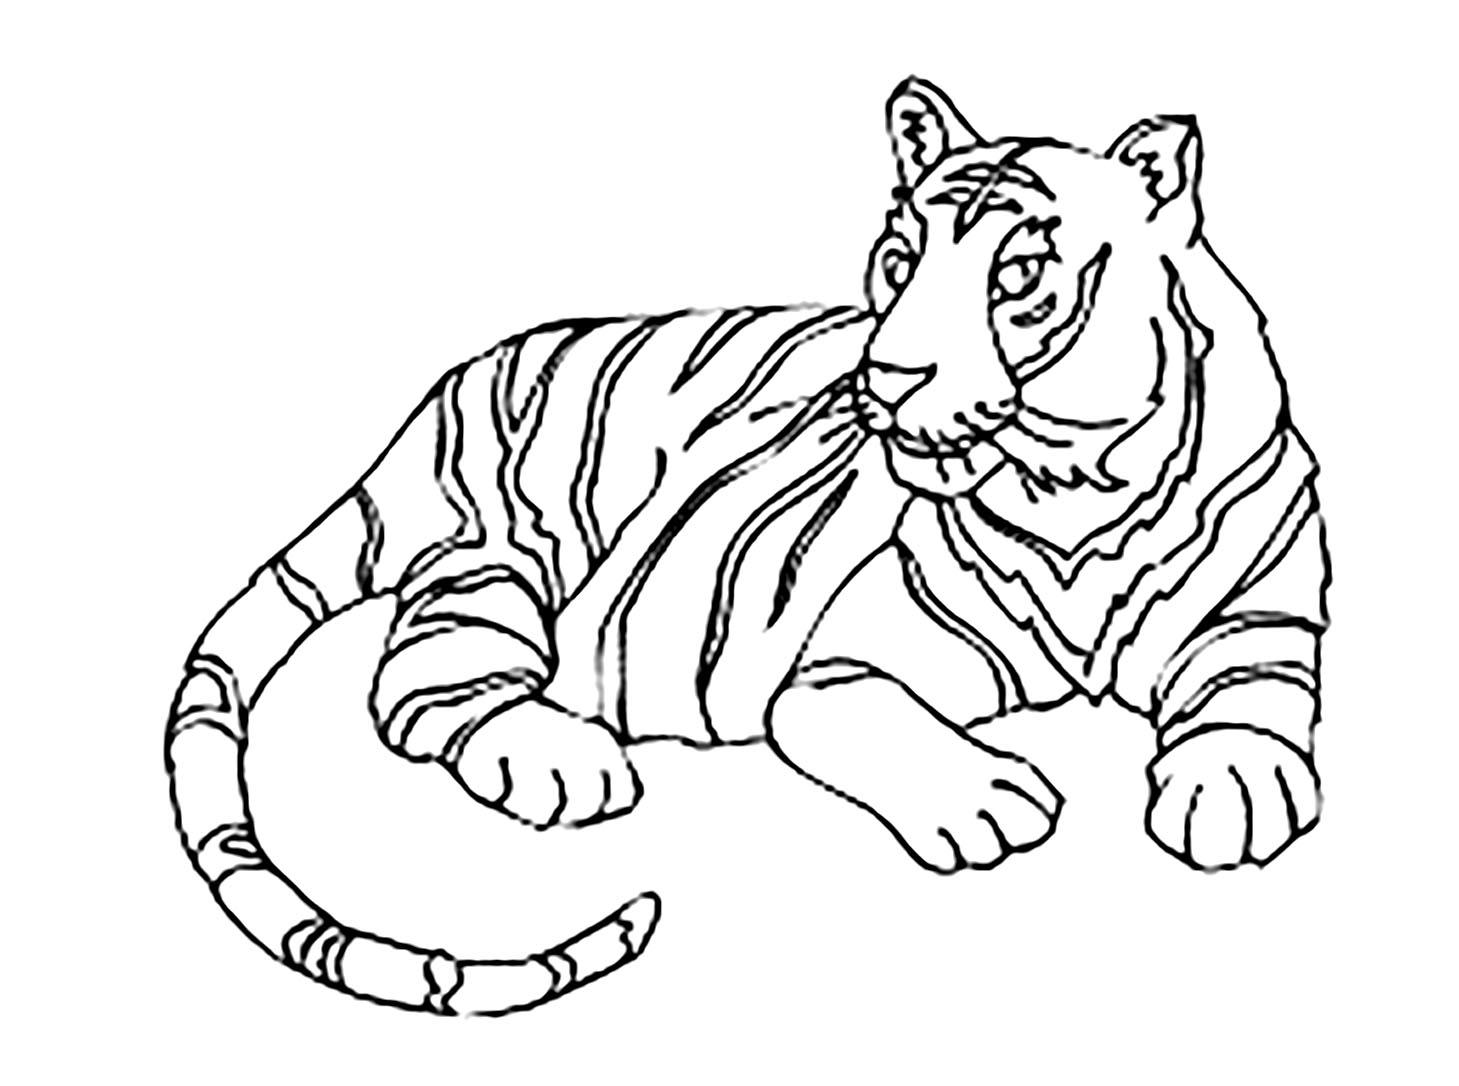 Tranh tô màu con hổ đang nằm rất đẹp